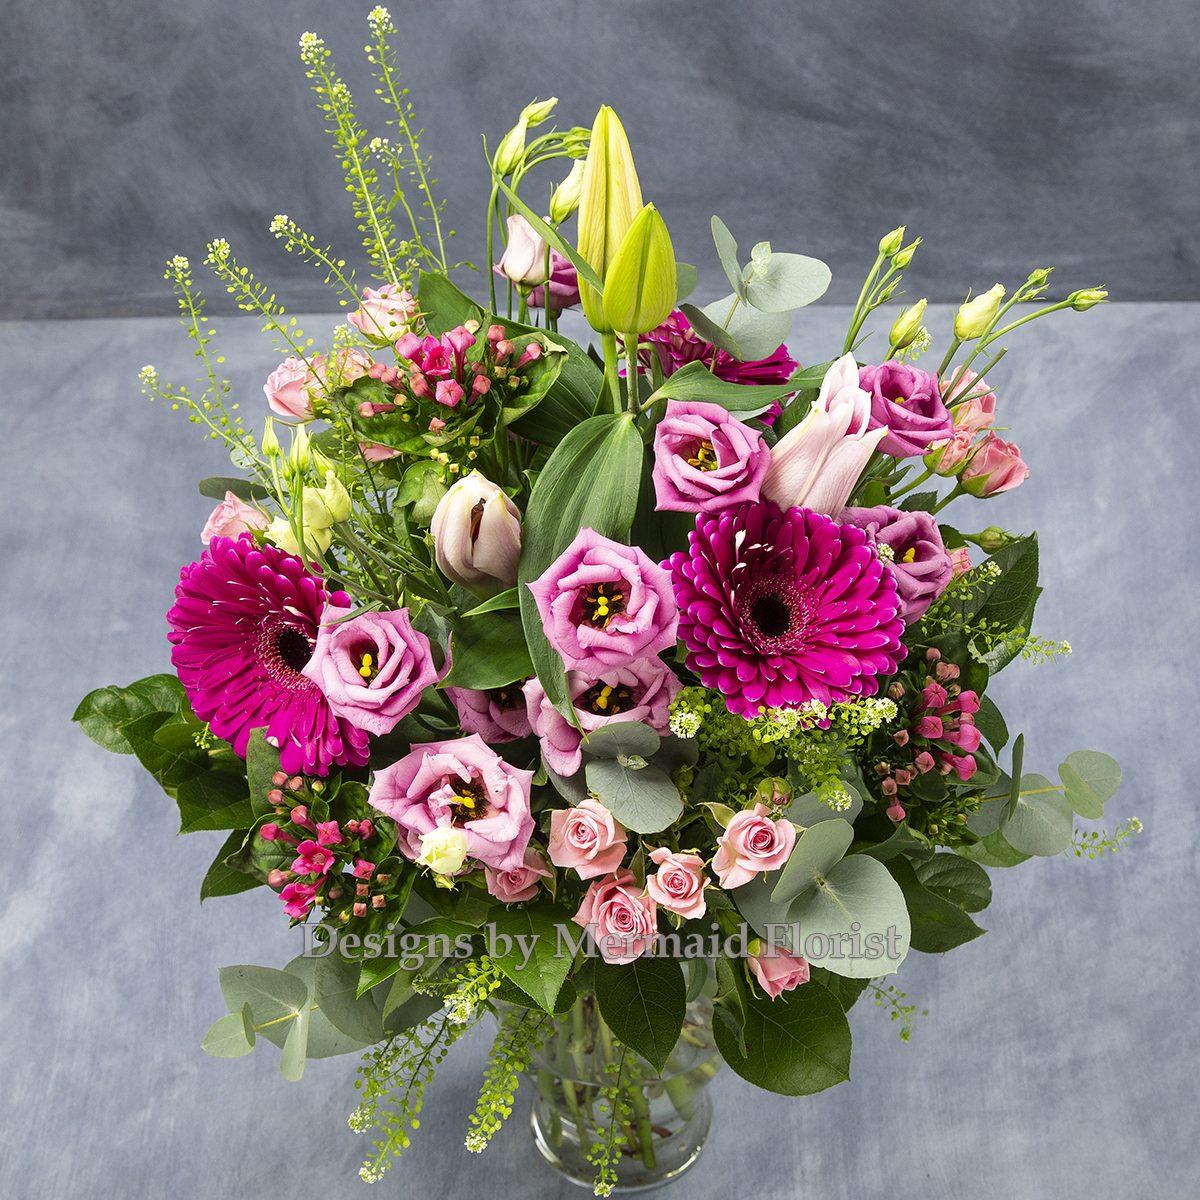 Ballinteer Spring Blooms